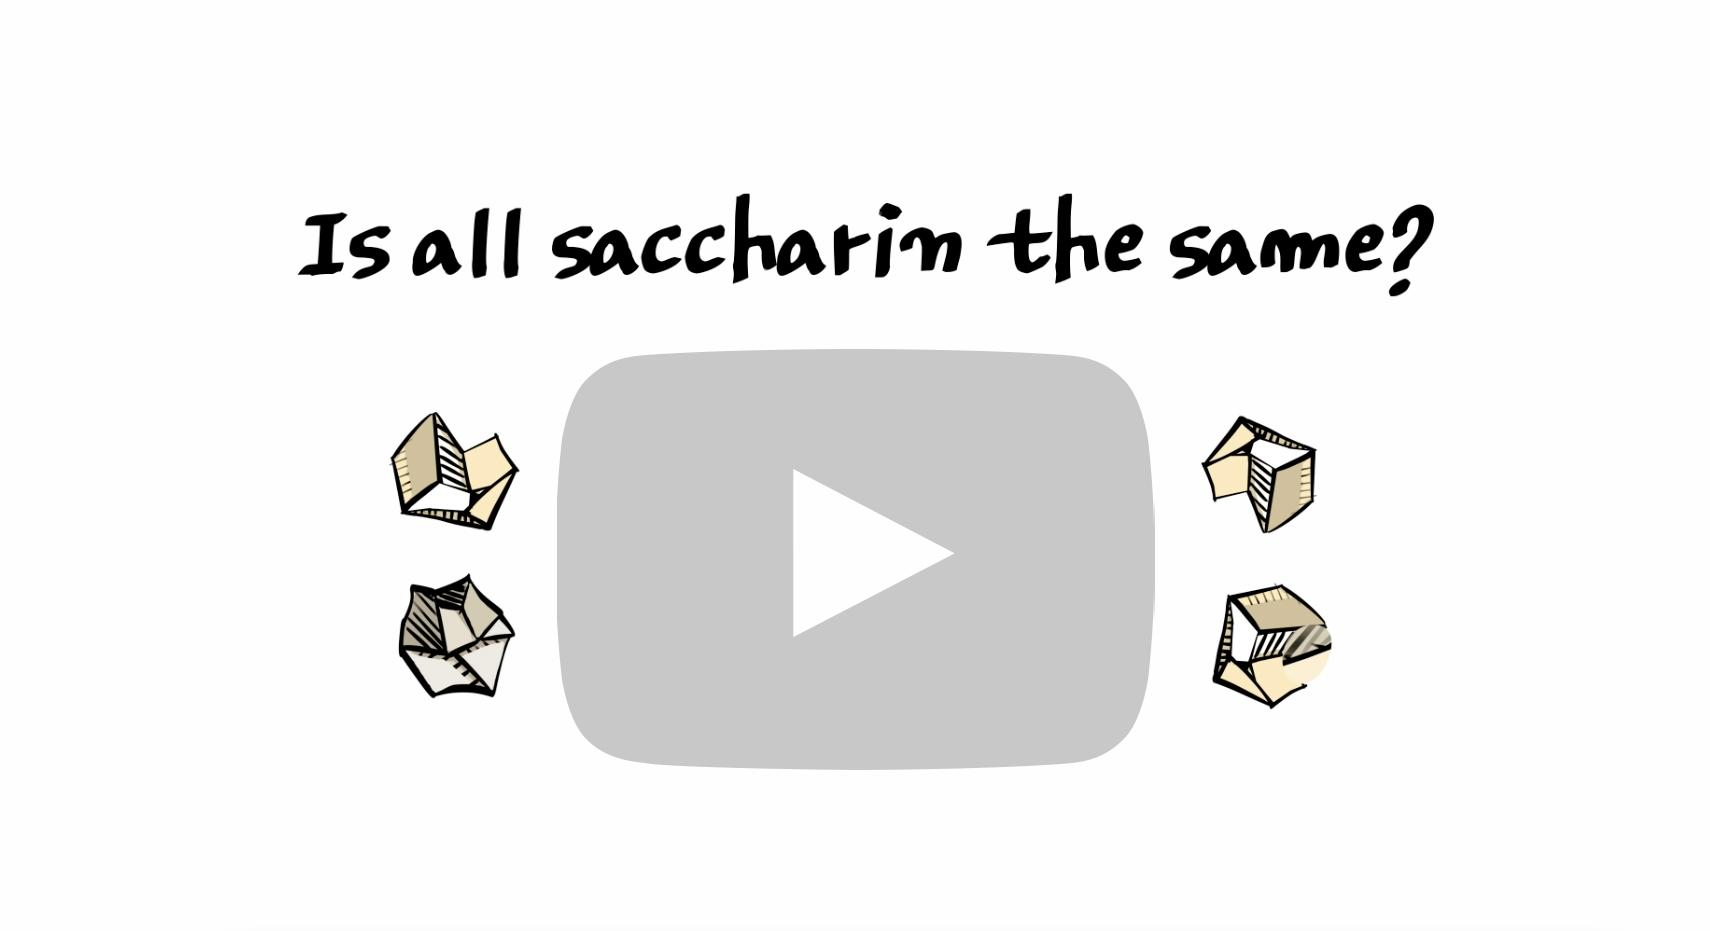 Saccharin Explainer Video